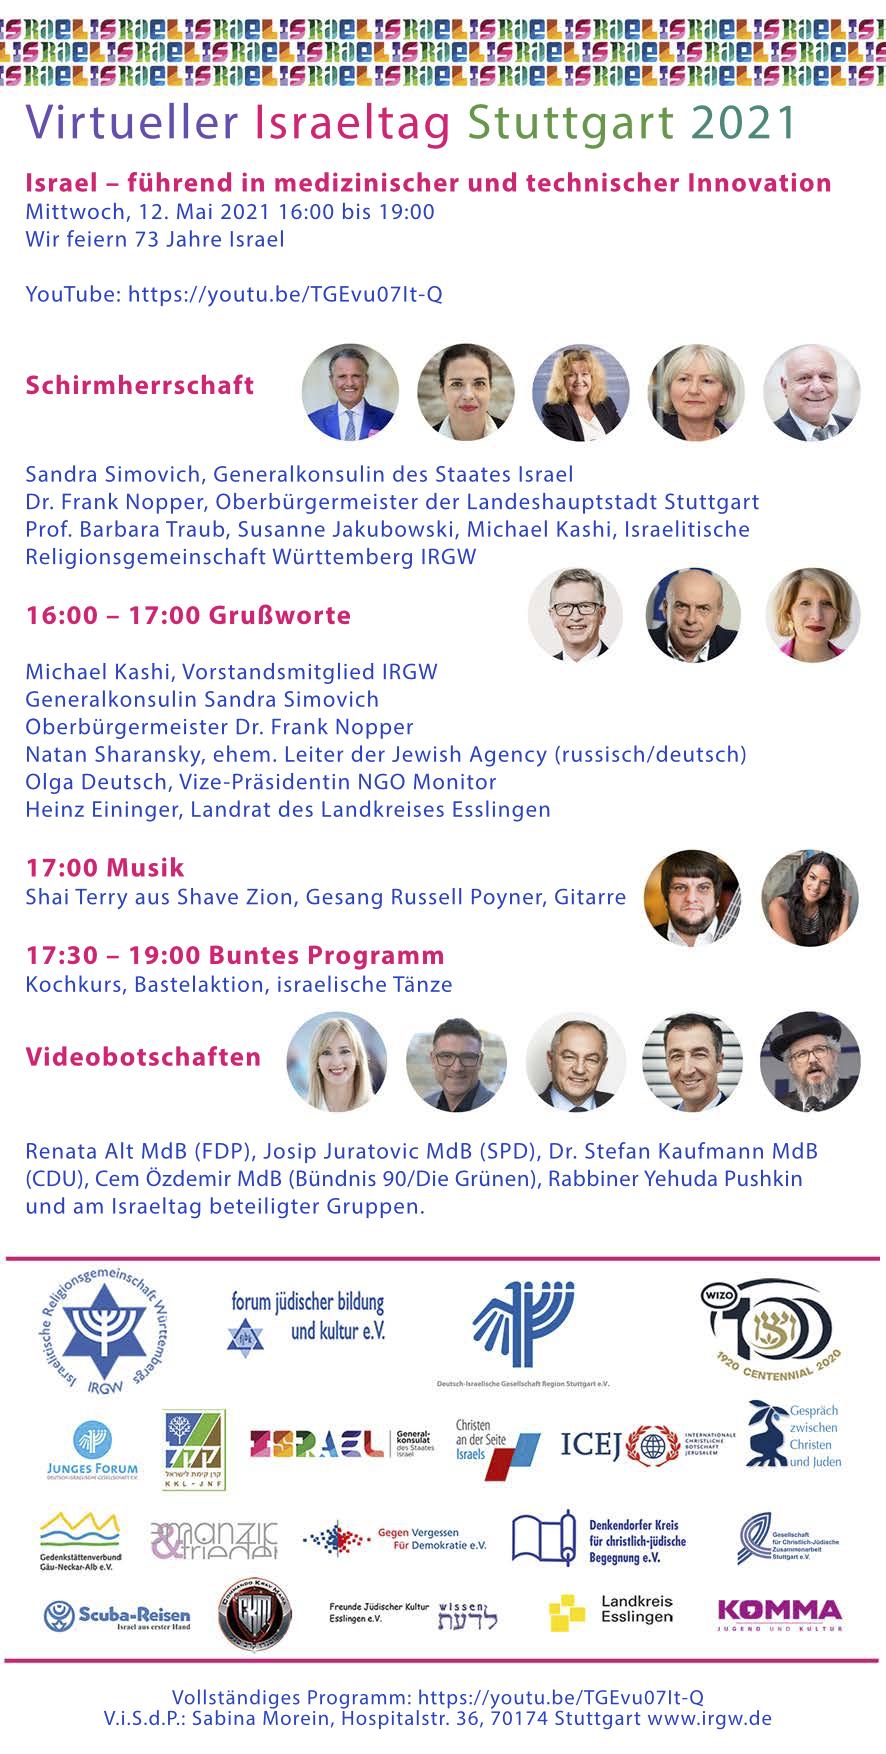 Virtueller Israeltag Stuttgart – 12. Mai 2021